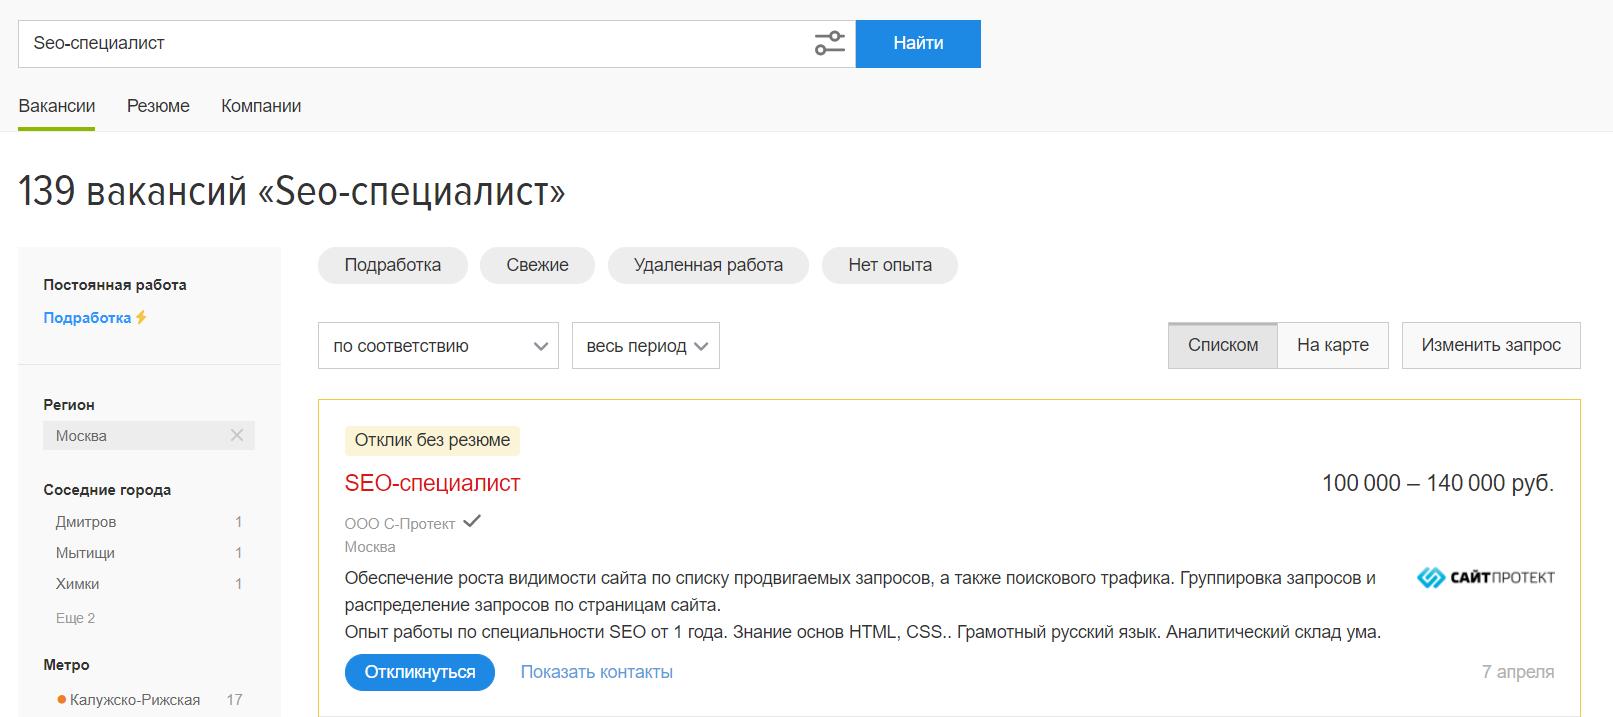 Предложений от компаний в Москве немногим меньше, чем для специалистов по контекстной рекламе